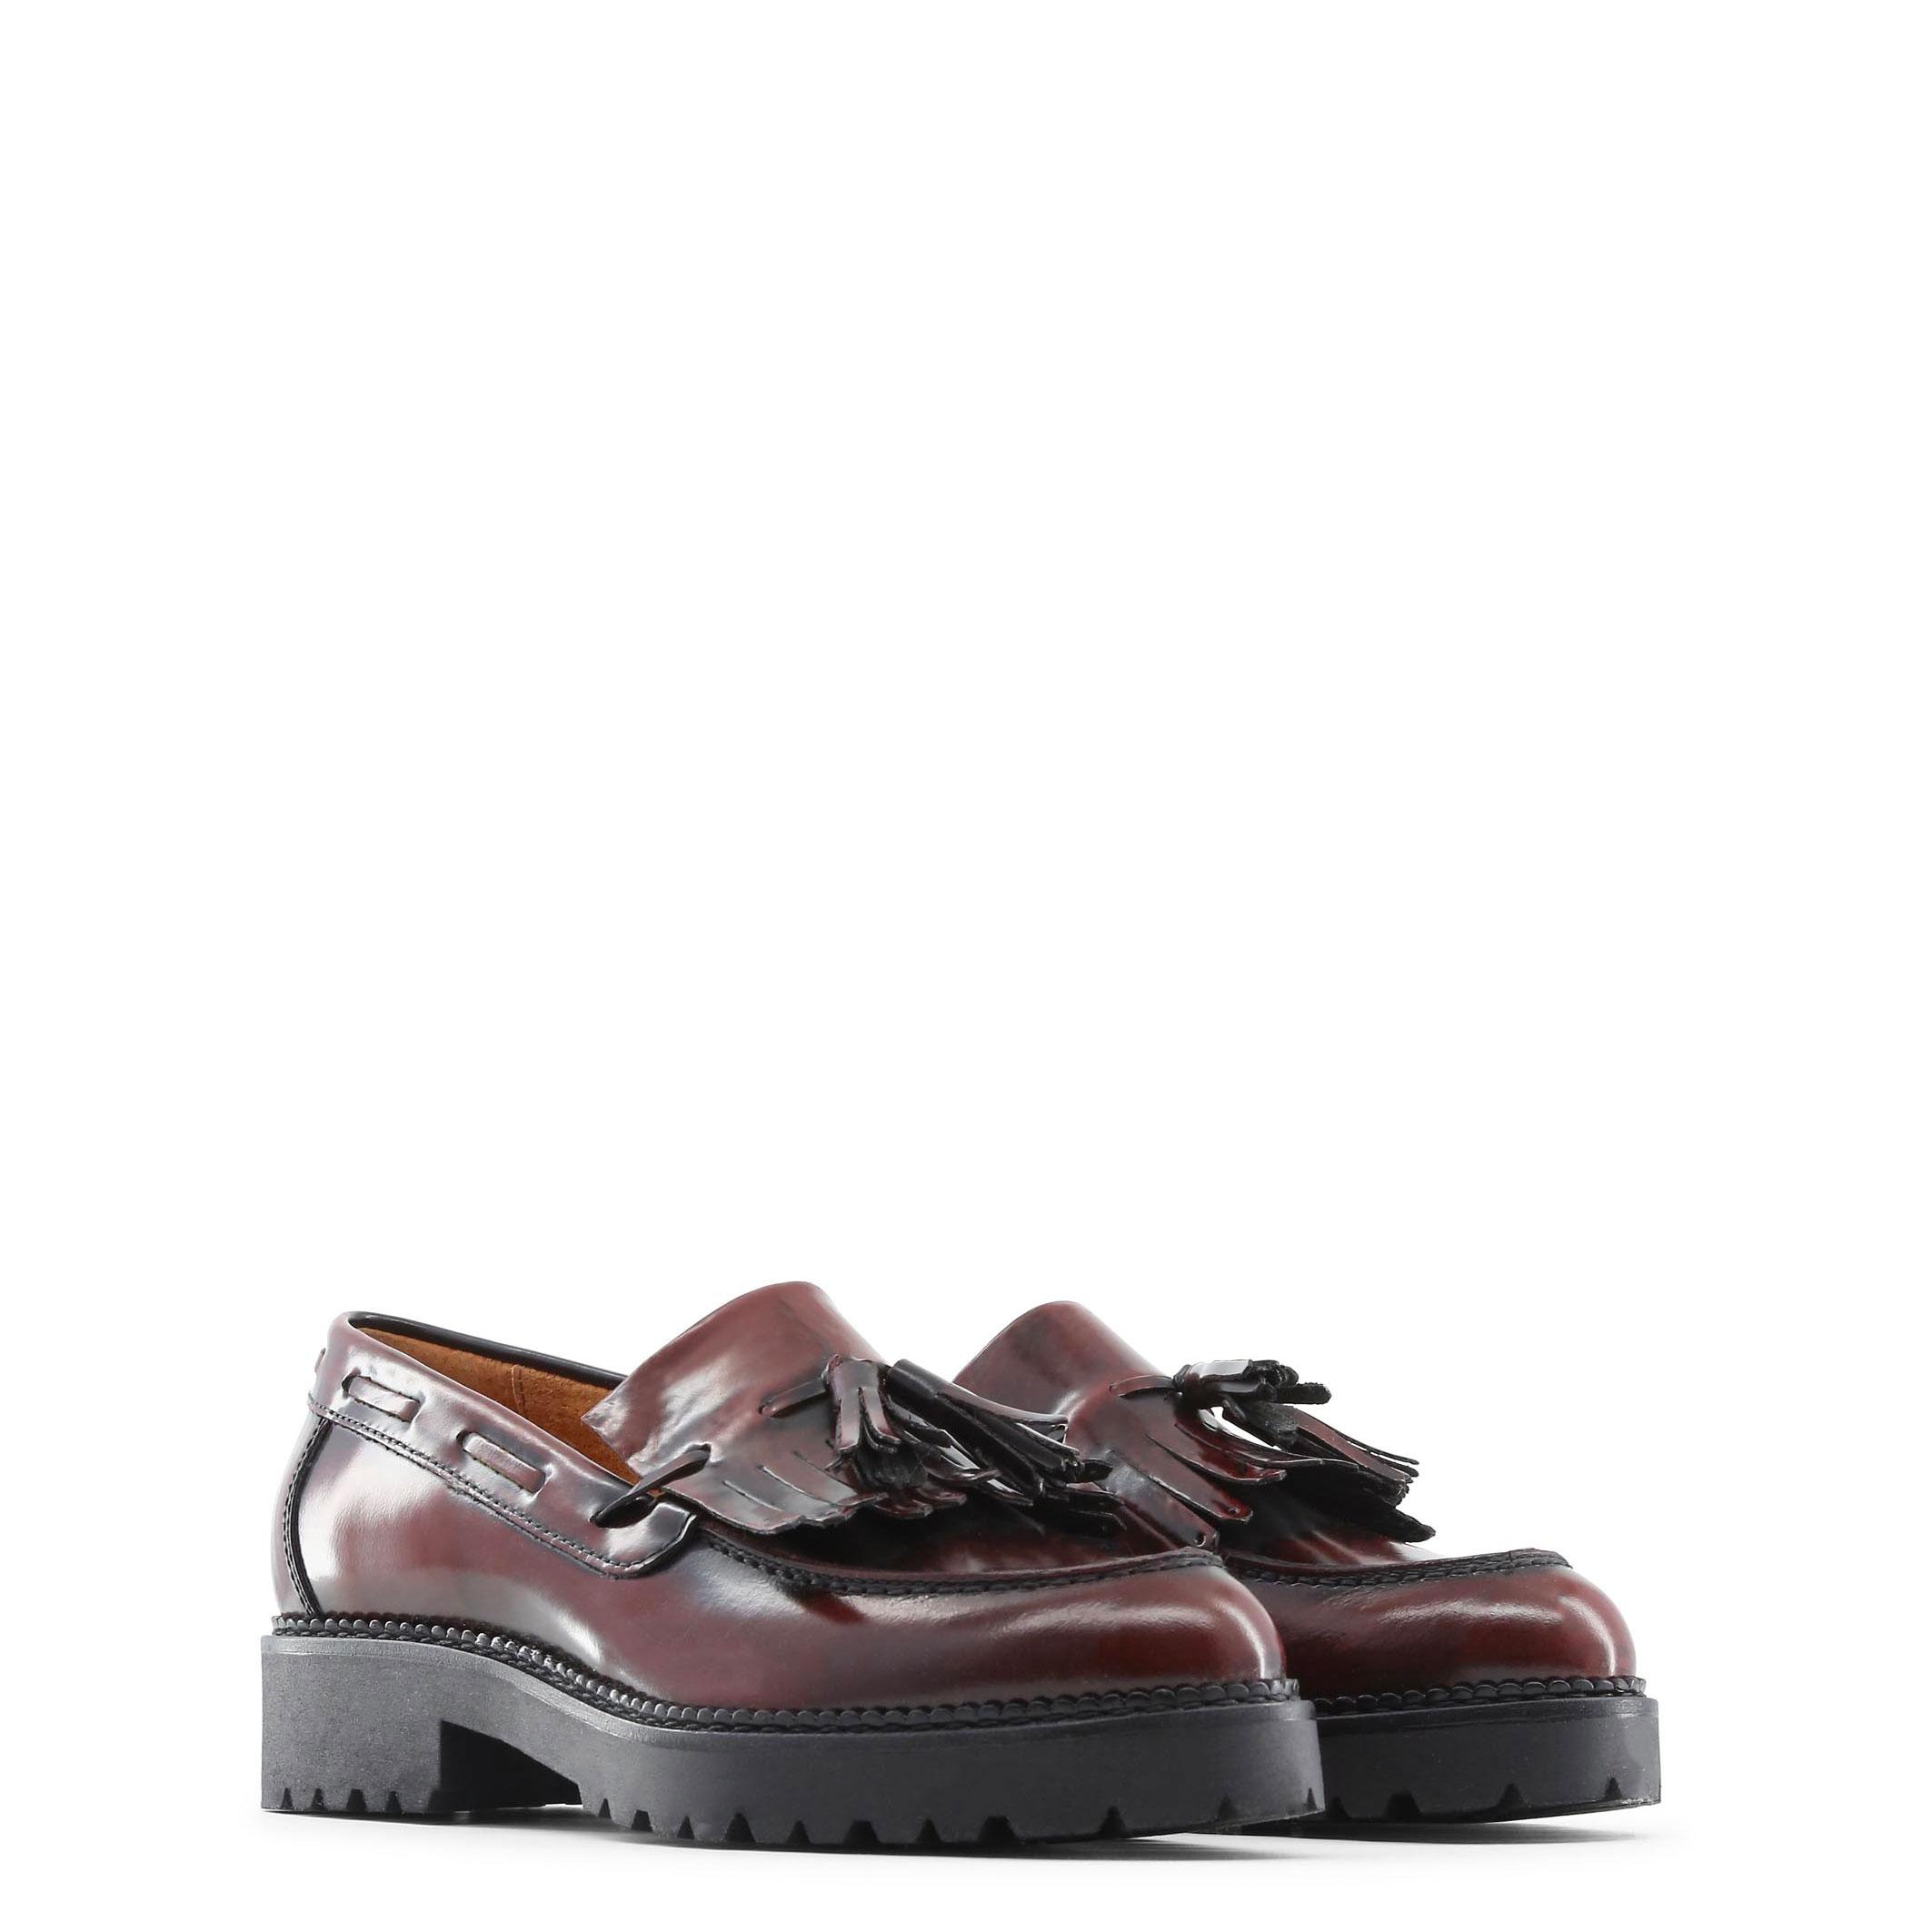 Made in Italia Schuhe LORELLA, Halbschuhe Damen Mokassins Rot/Schwarz elegante Halbschuhe LORELLA, fc901f